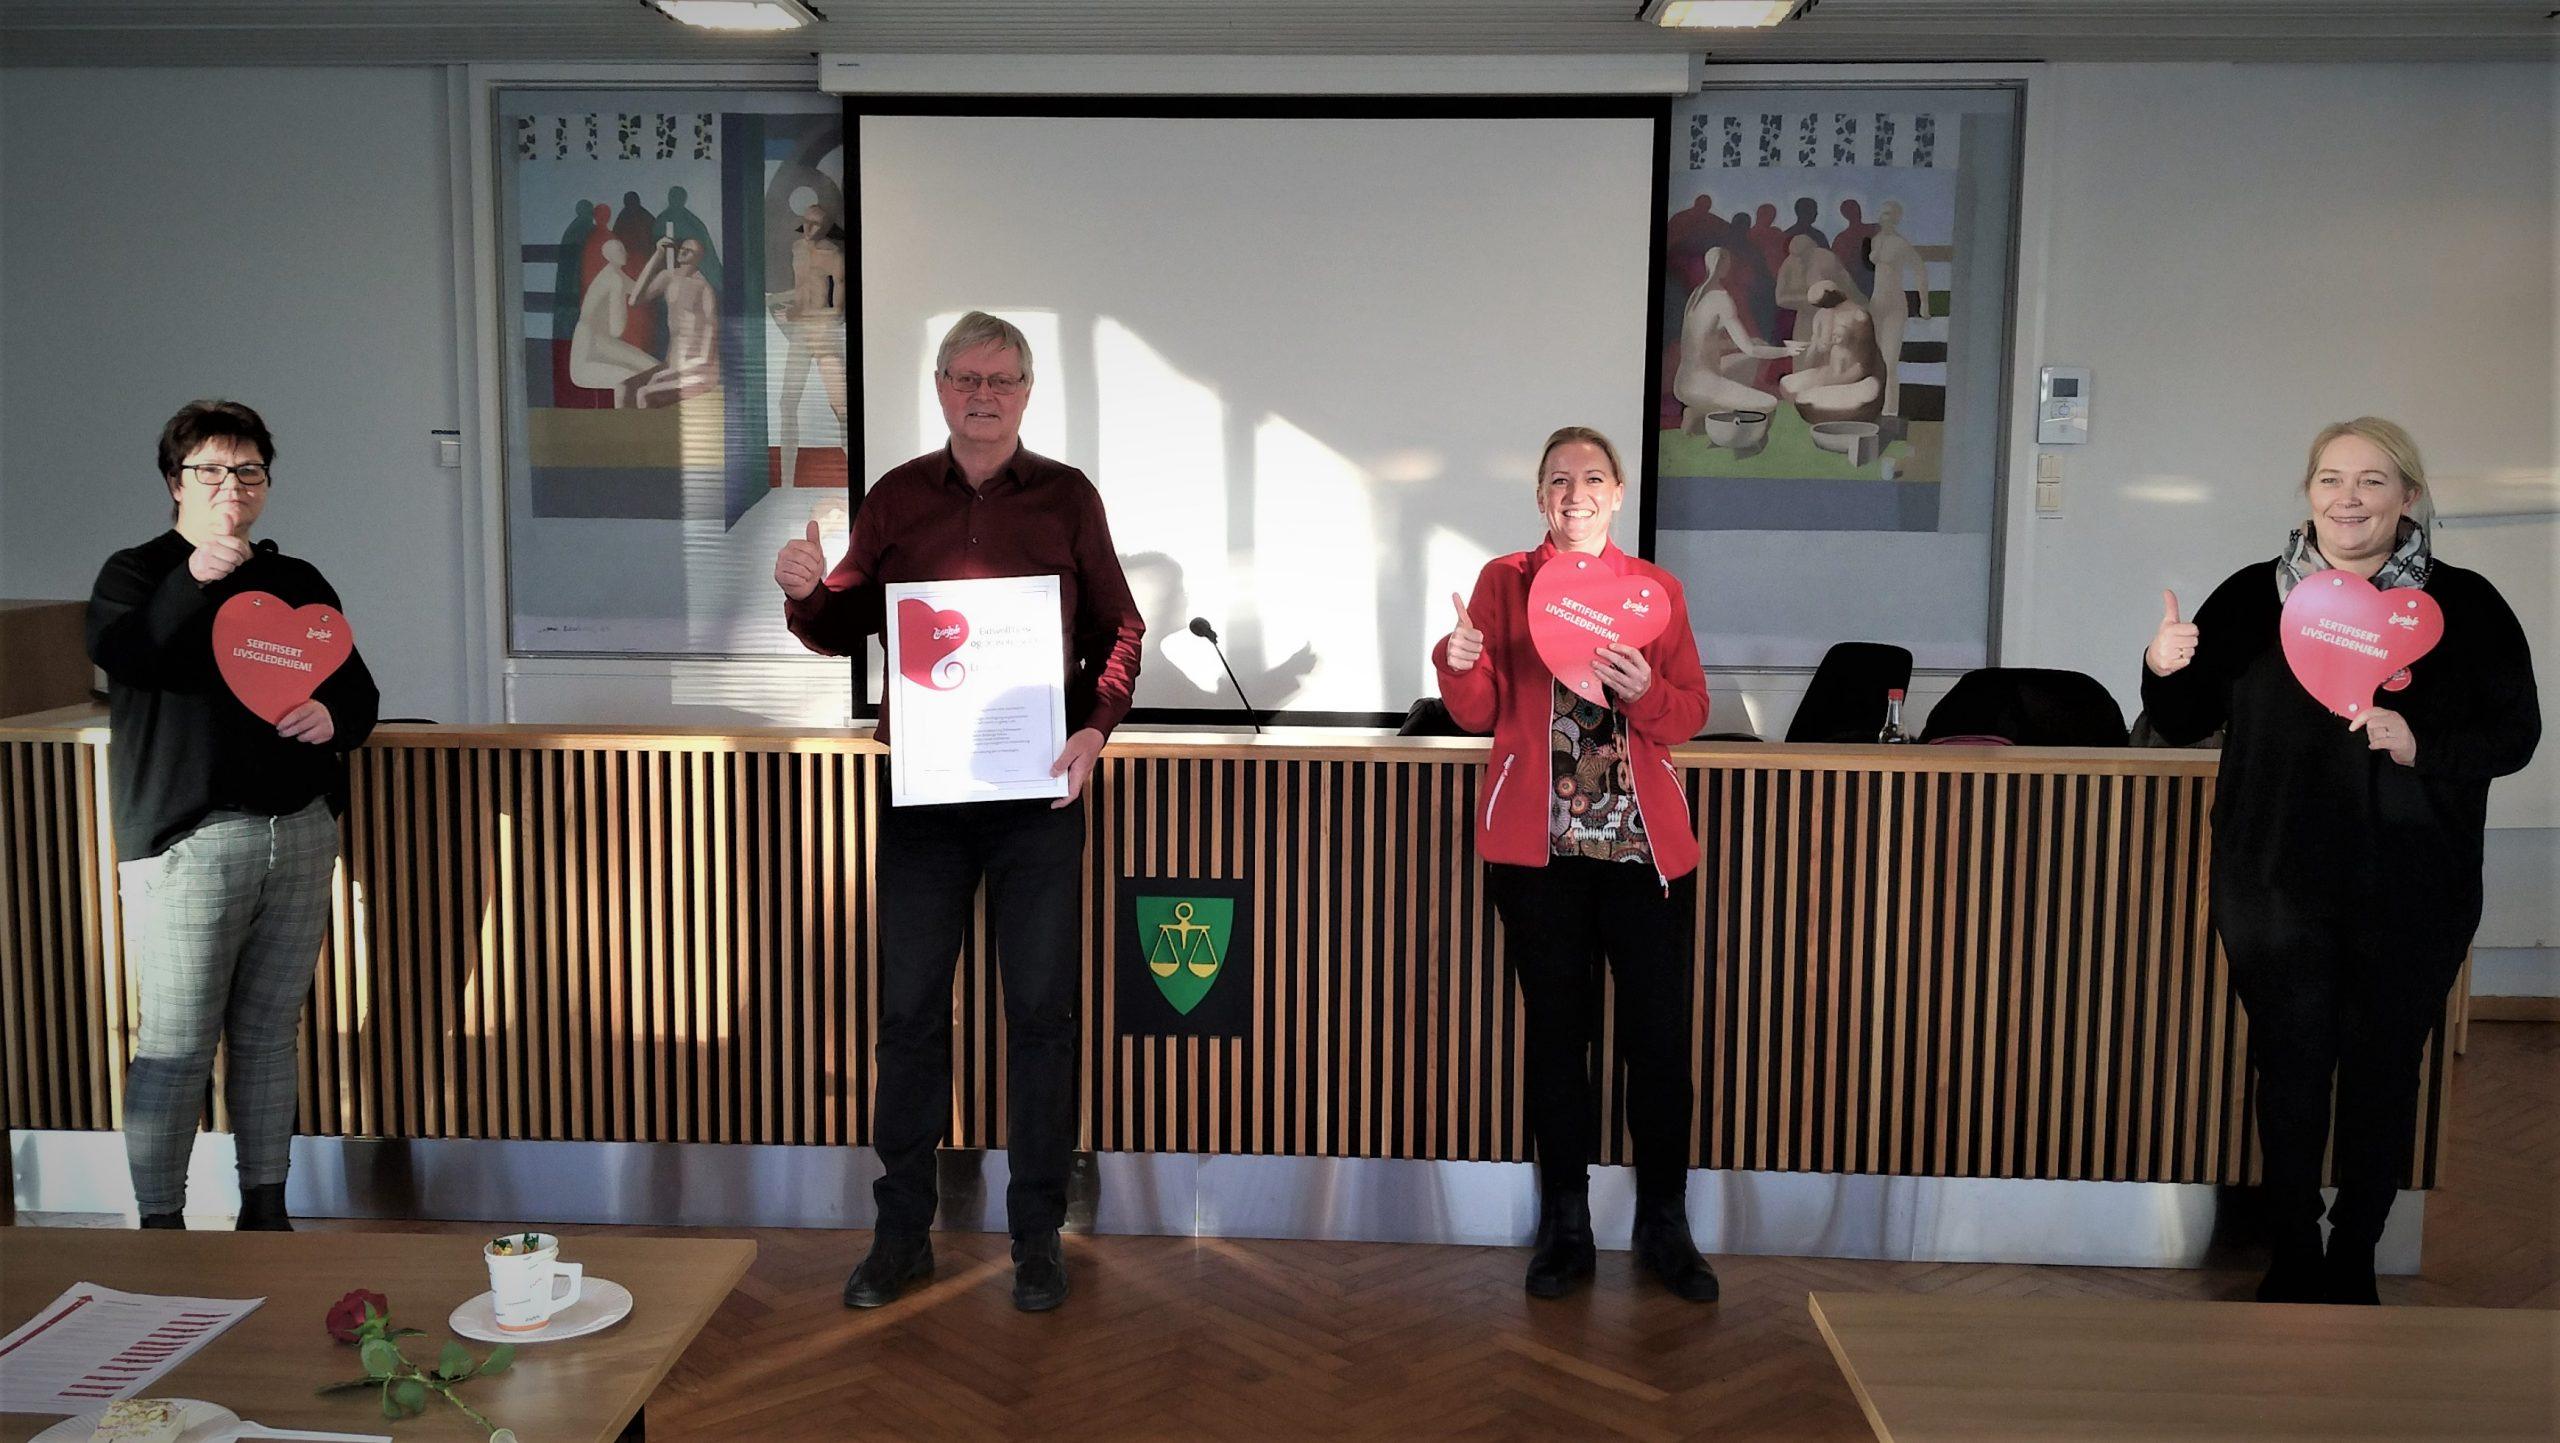 Virksomhetsleder Vidar Roseth og livsgledekonsulenten Tonje Sørum Tranum med to av medlemmene i livsgledegruppen